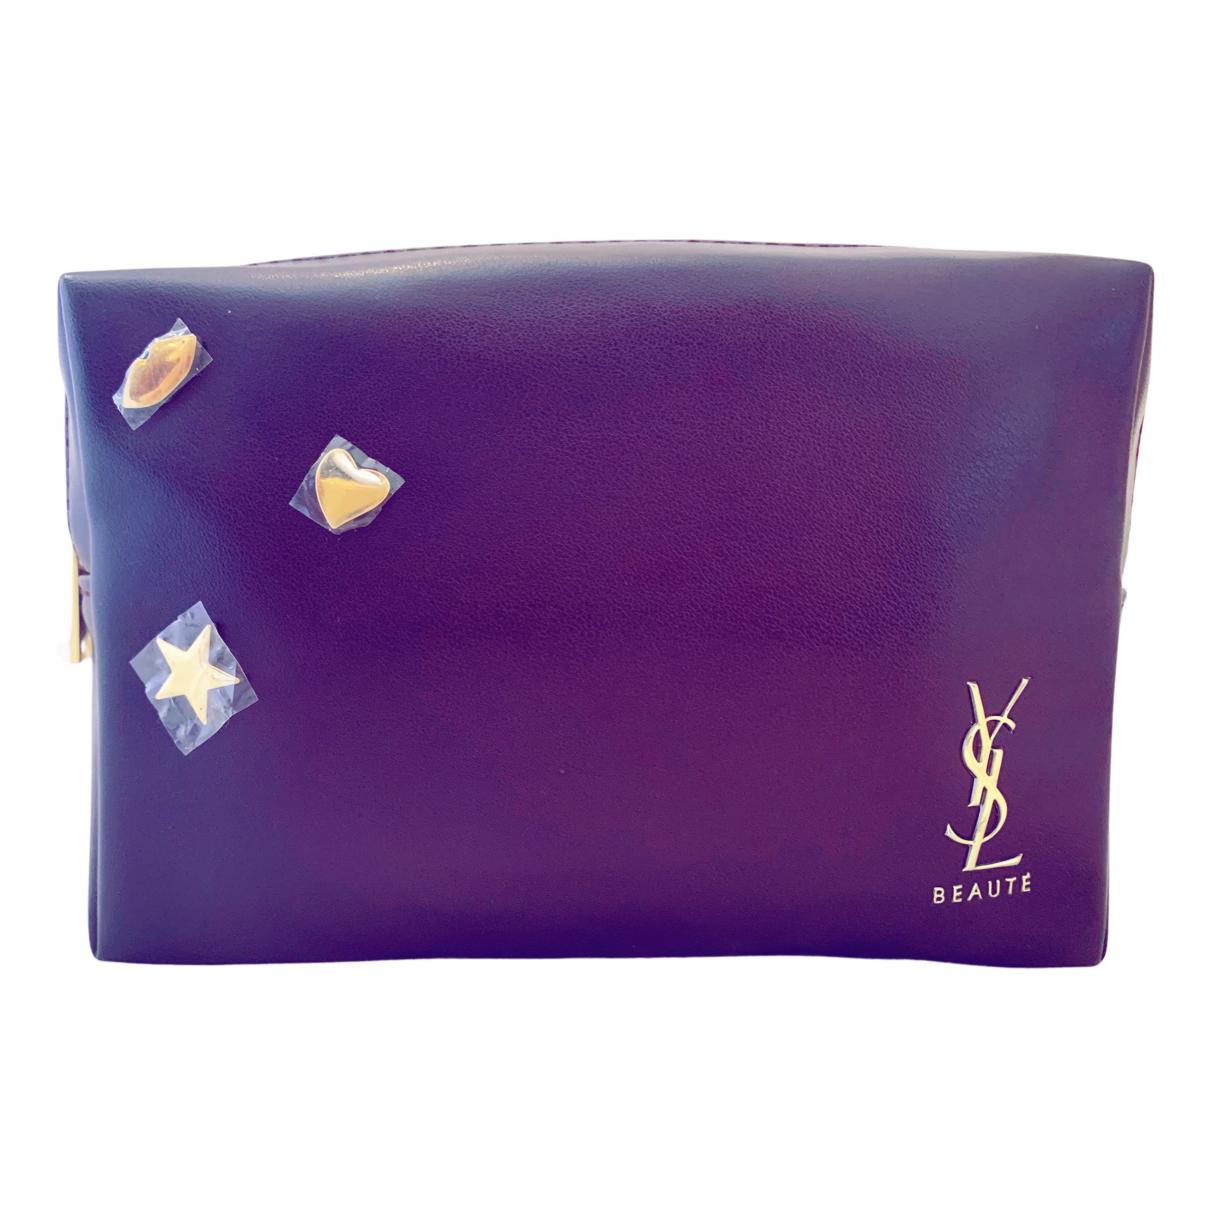 Yves Saint Laurent - Sac de voyage   pour femme - violet